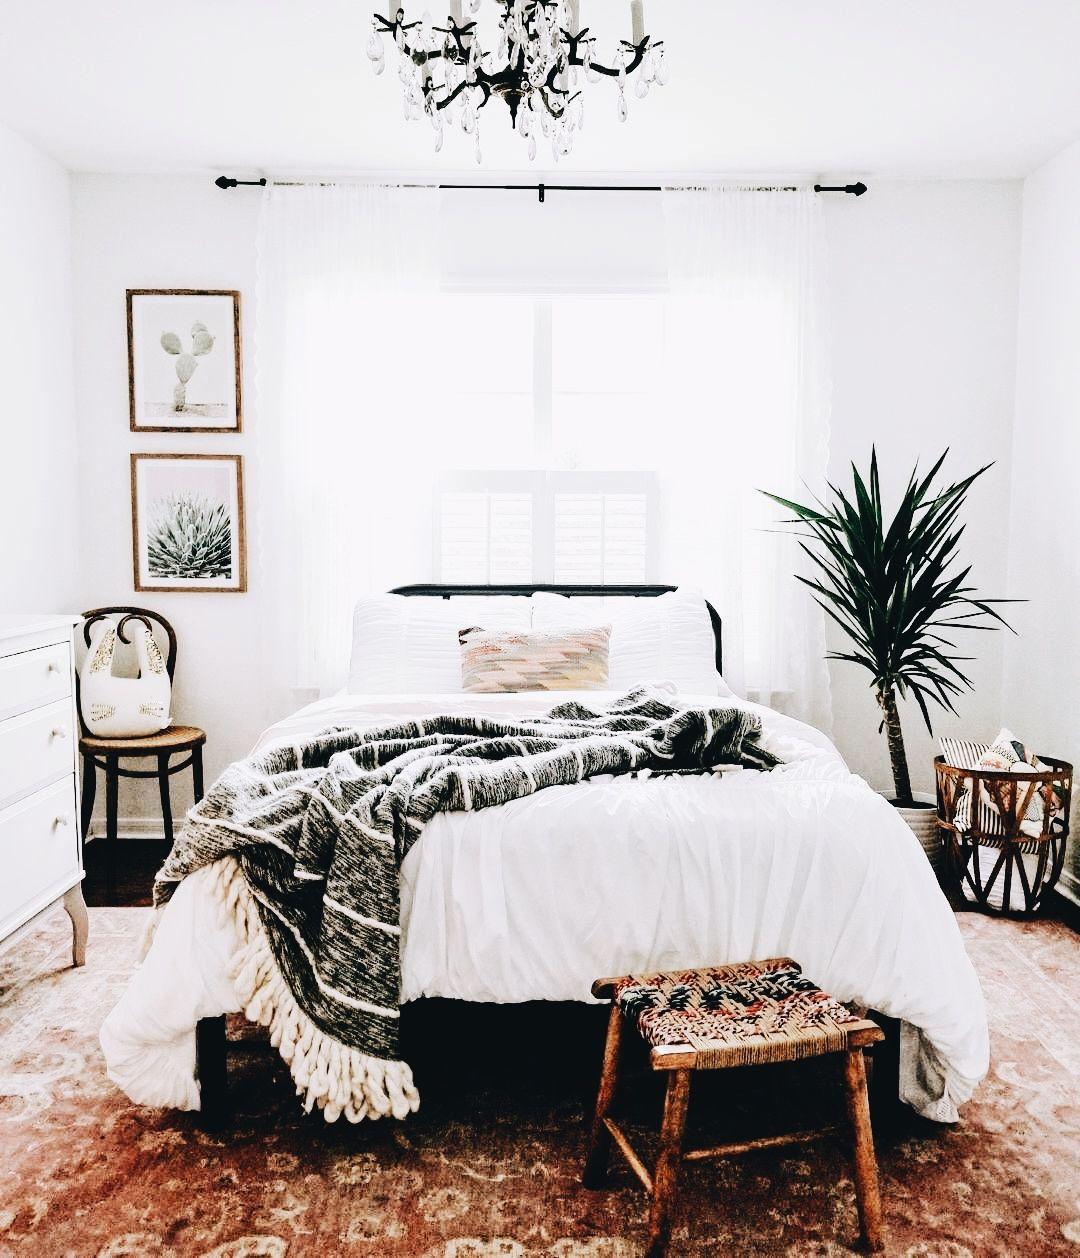 Une chambre épurée adopte la tendance bohème | Déco bohème en 2019 ...